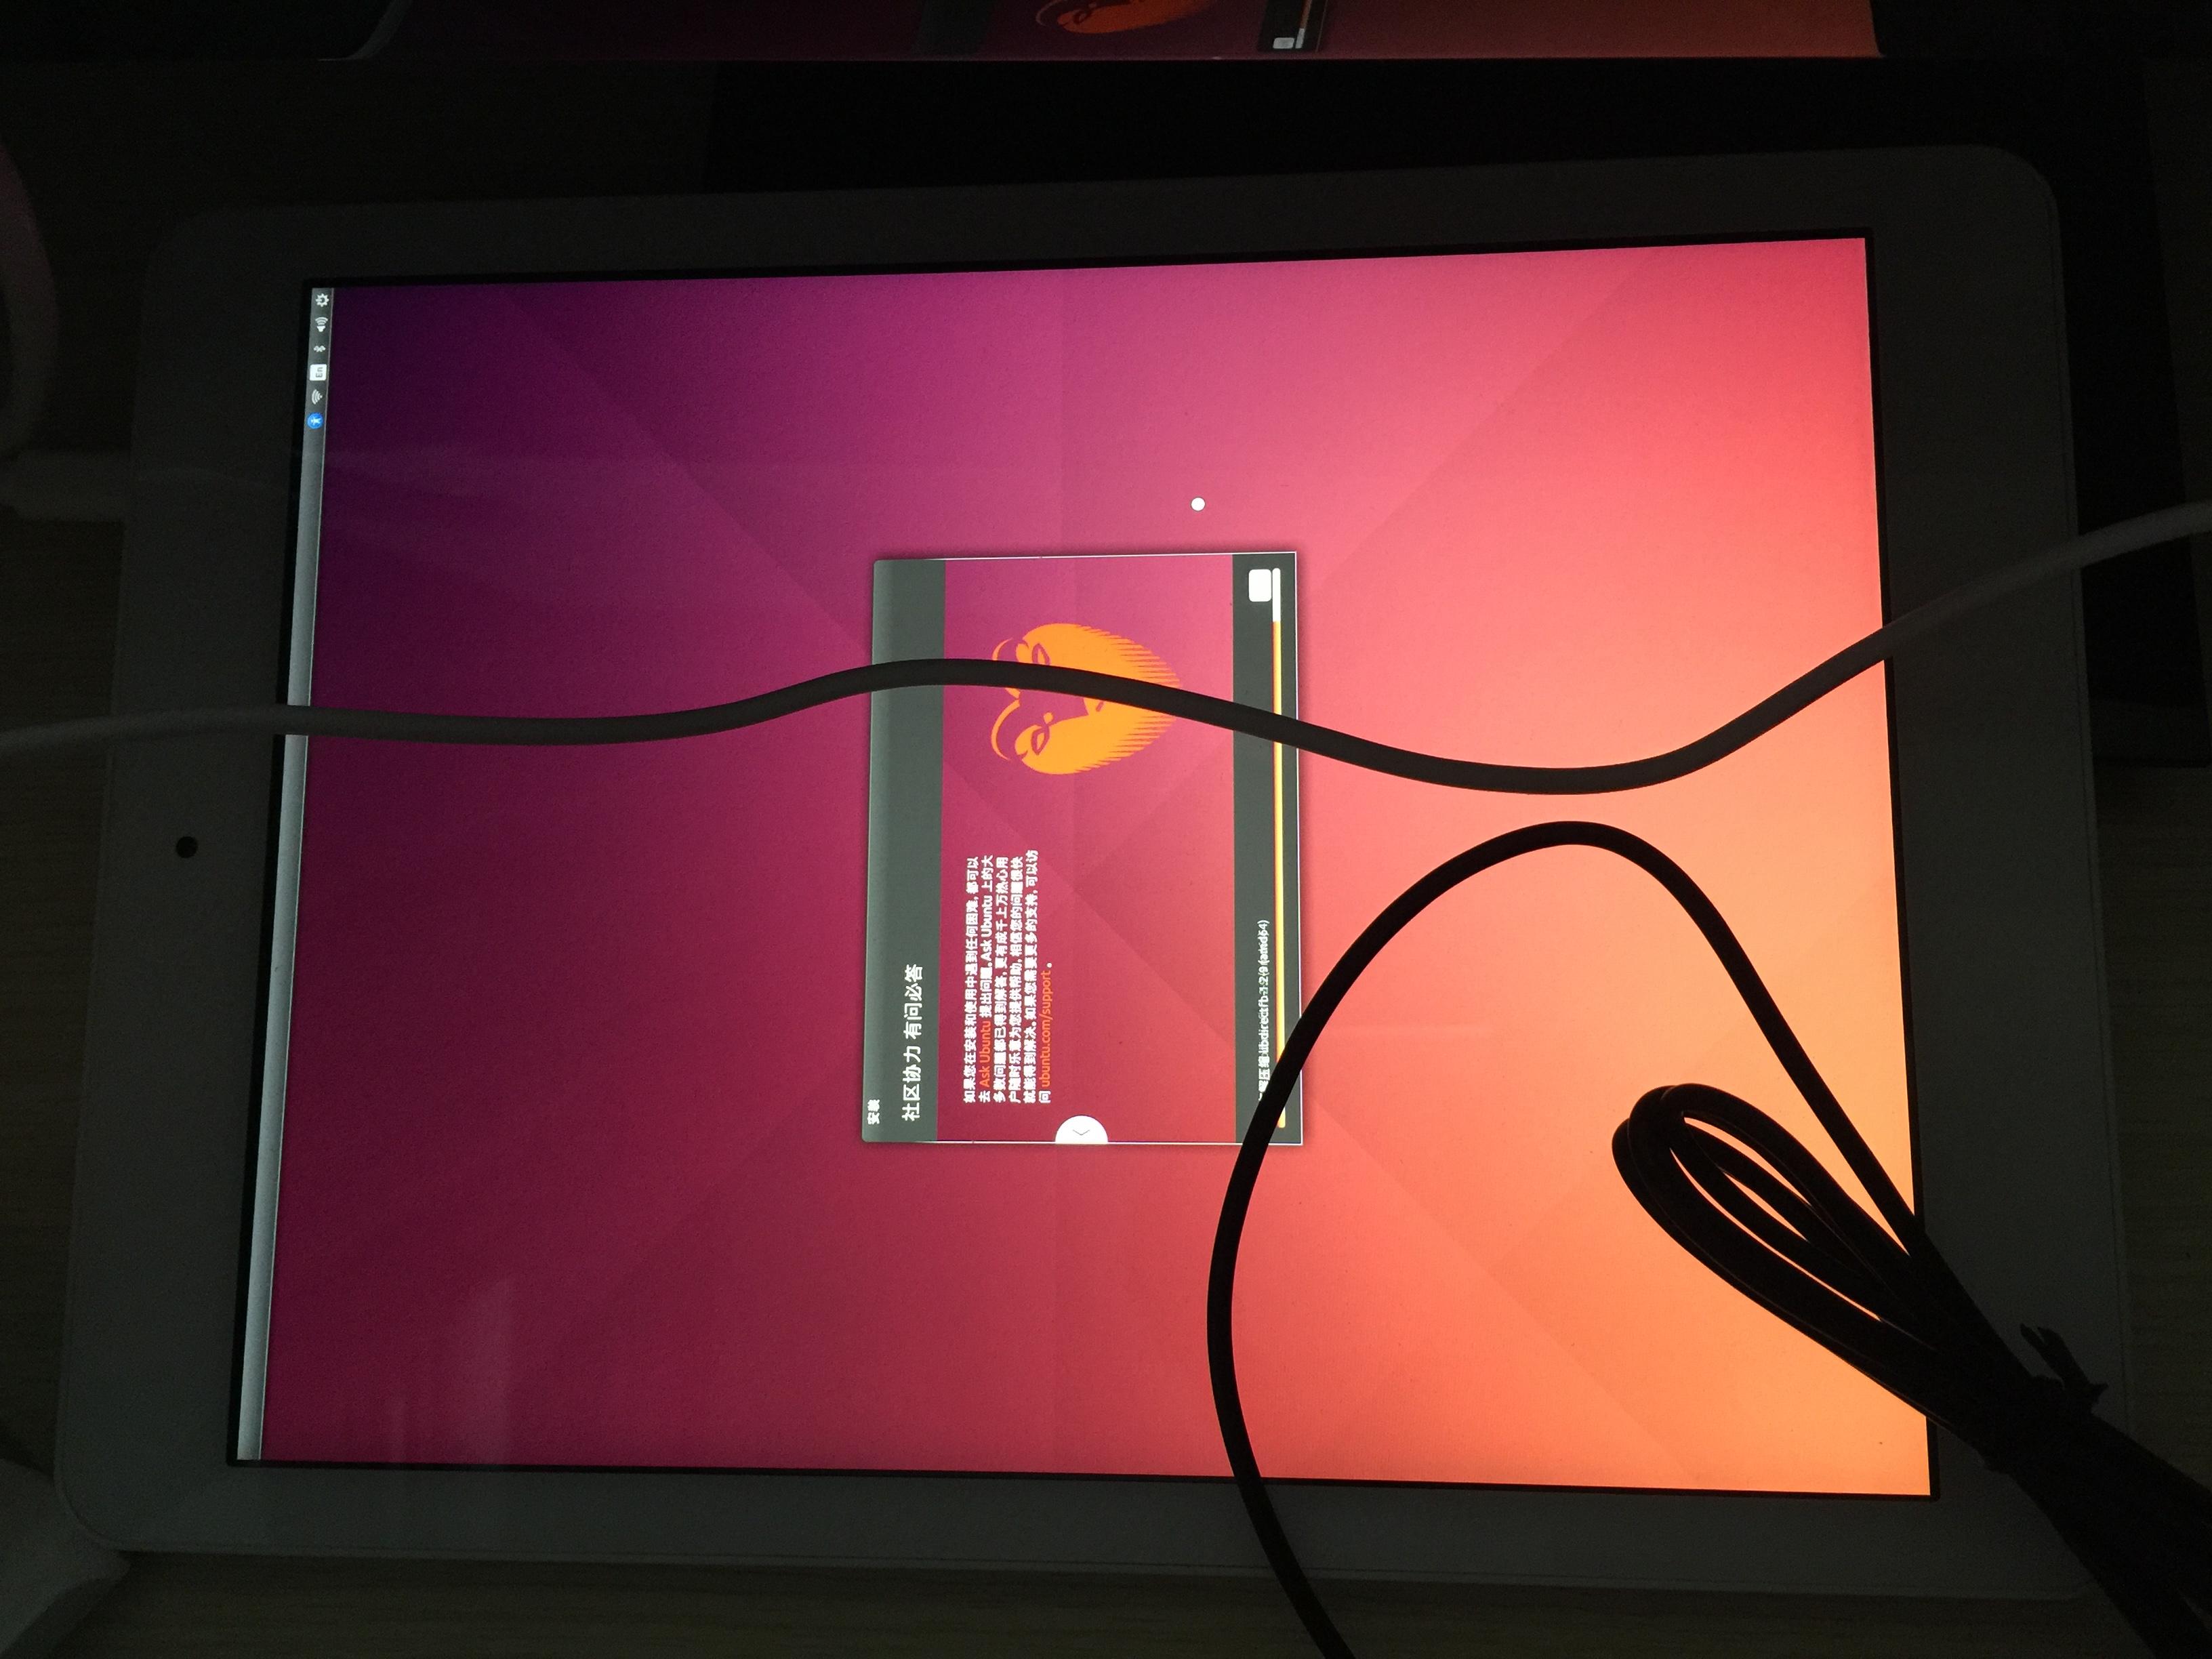 安装ubuntu过程